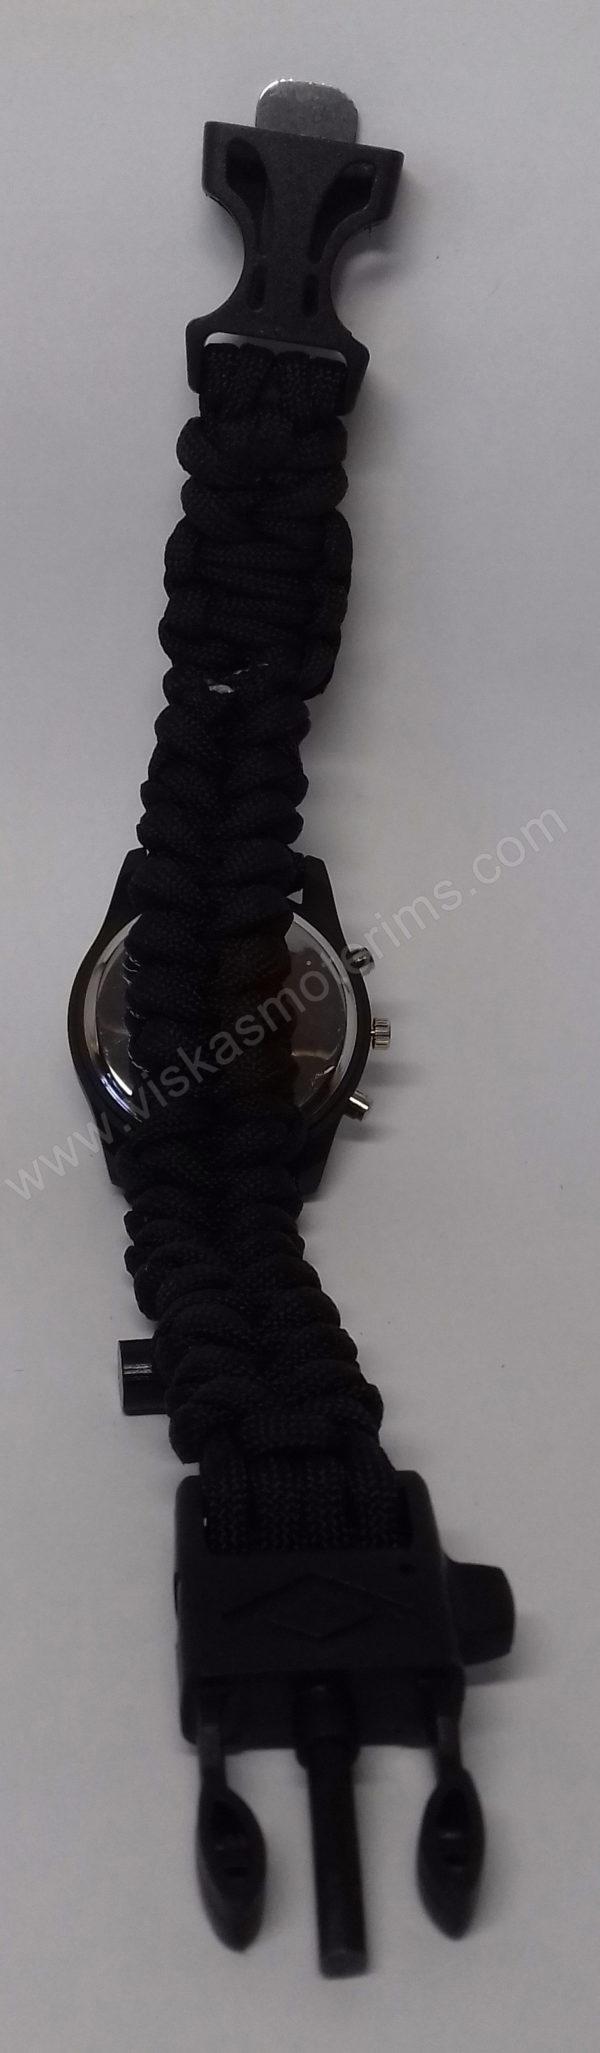 Vyriškas juodas turistinis laikrodis 5 in 1 Geneva - iš nugaros visu ilgiu